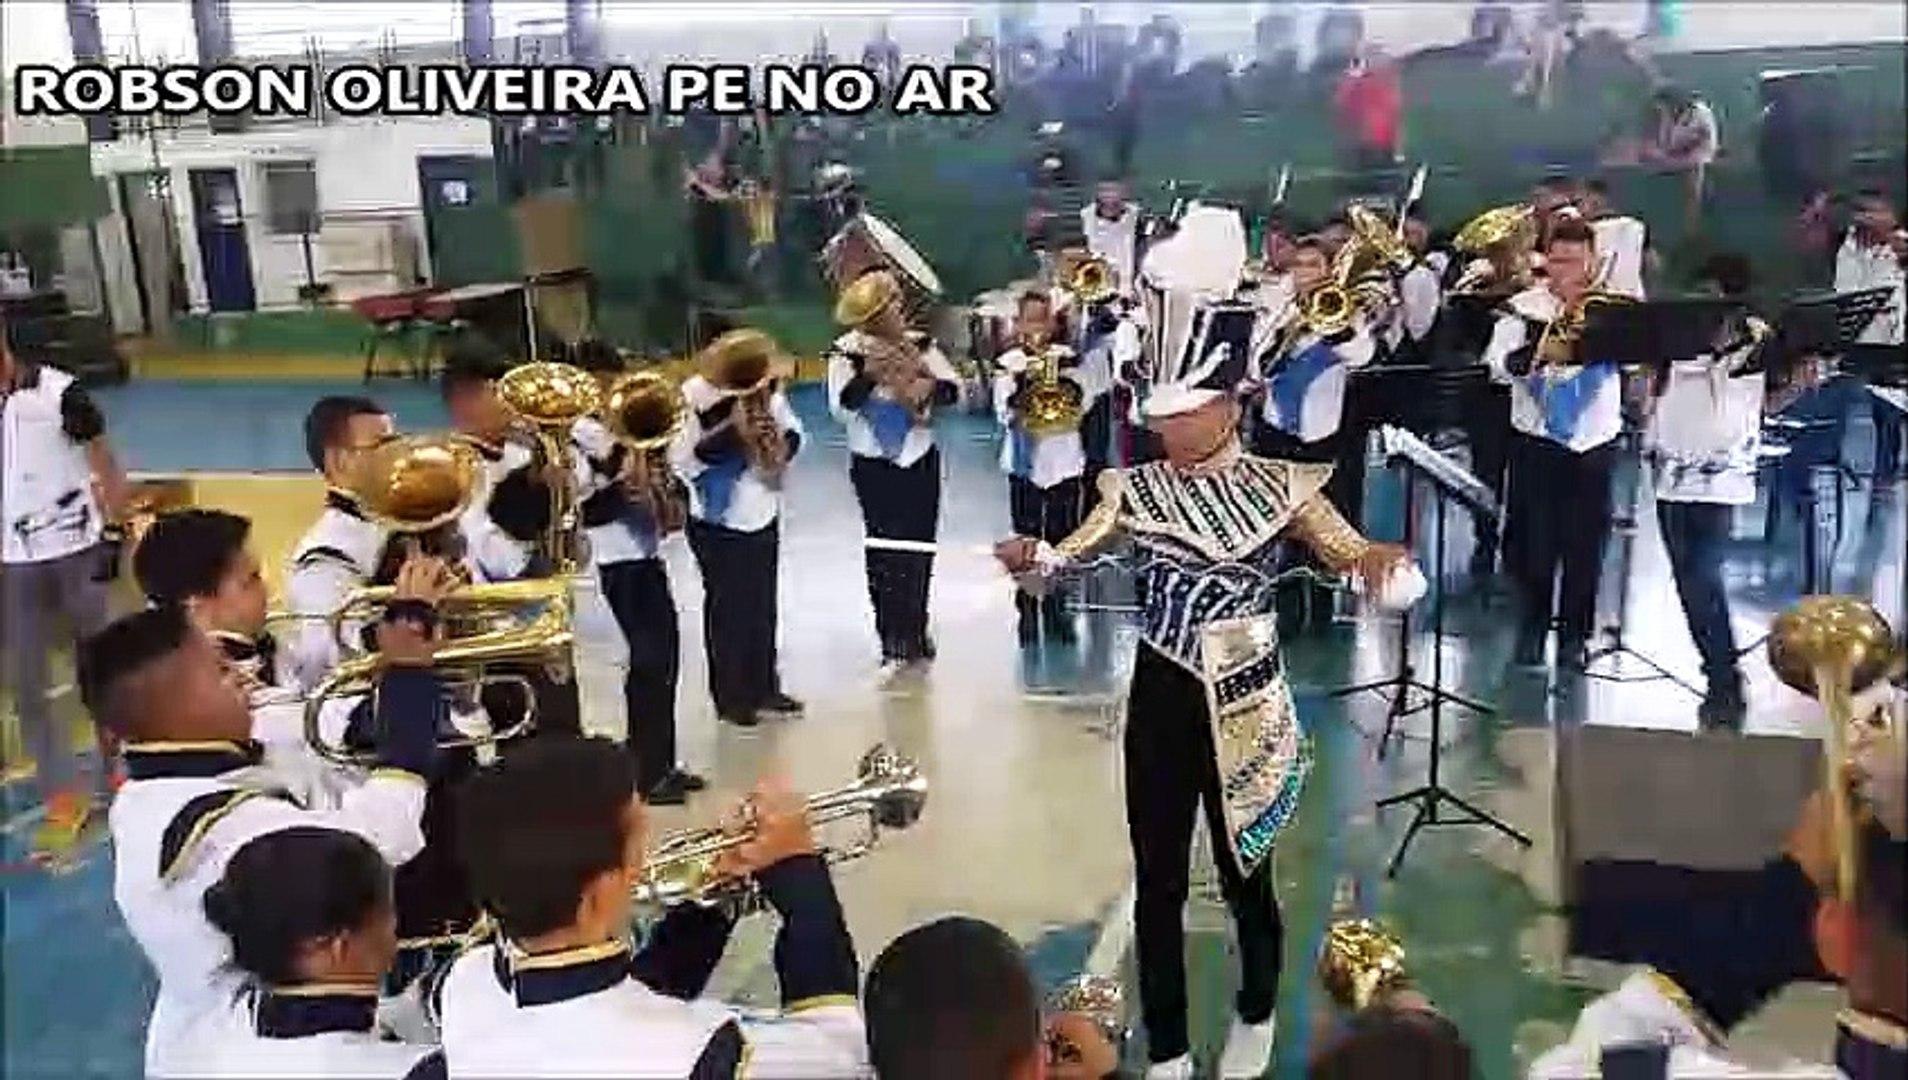 VI COPA NACIONAL DE CAMPEÃS BANDA MARCIAL INFANTO JUVENIL M. ANAYDE BEIRIZ-PB